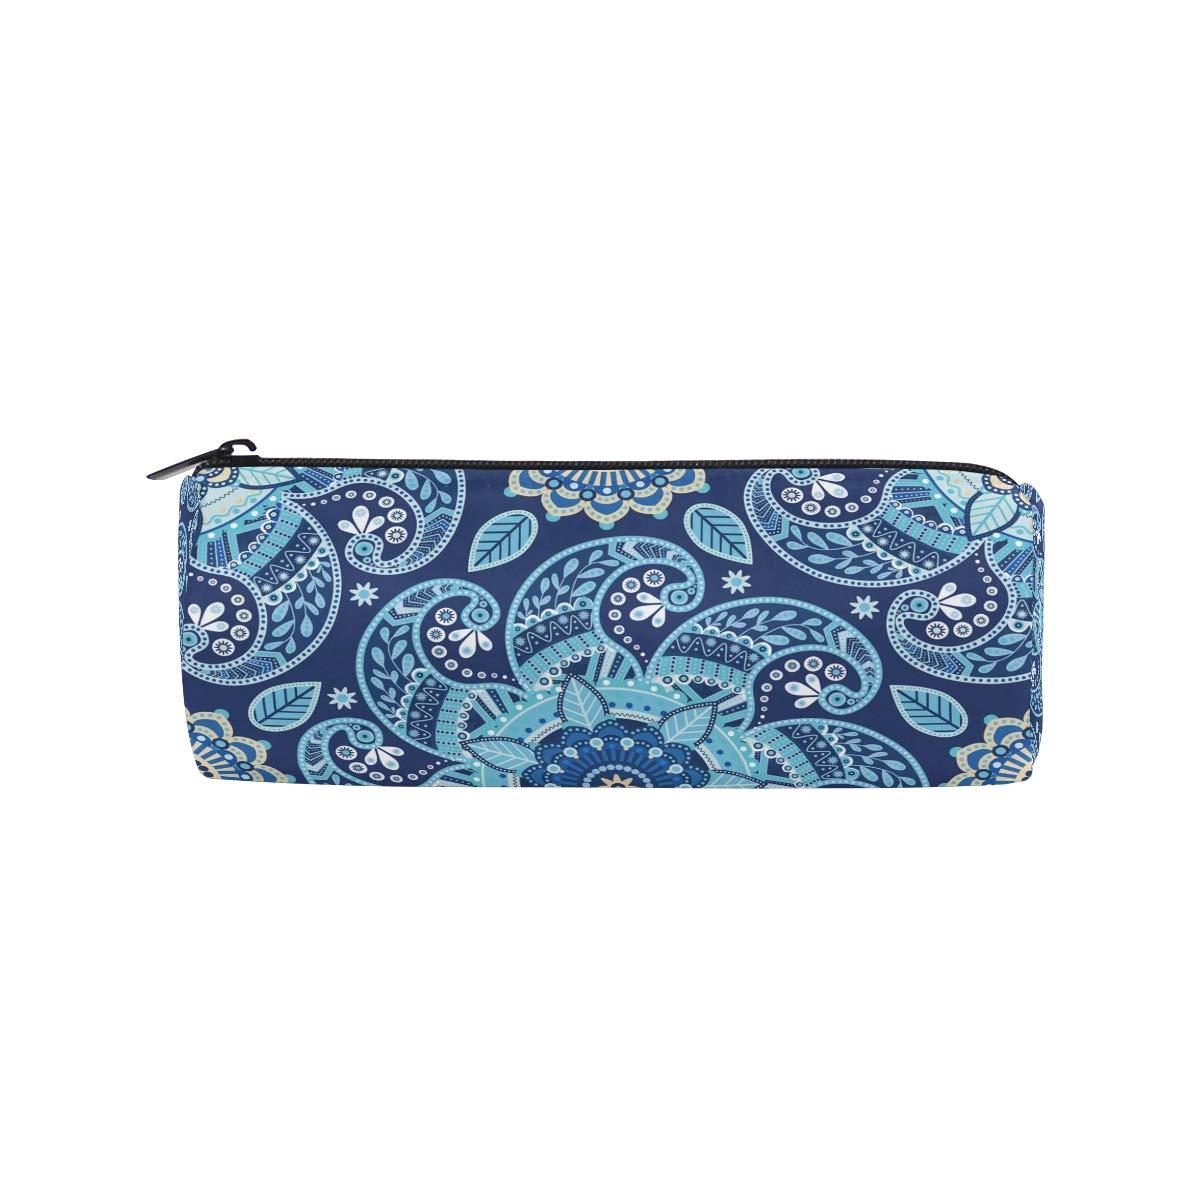 BONIPE - Estuche para lápices, diseño de bohemio étnico vintage con estampado floral: Amazon.es: Oficina y papelería